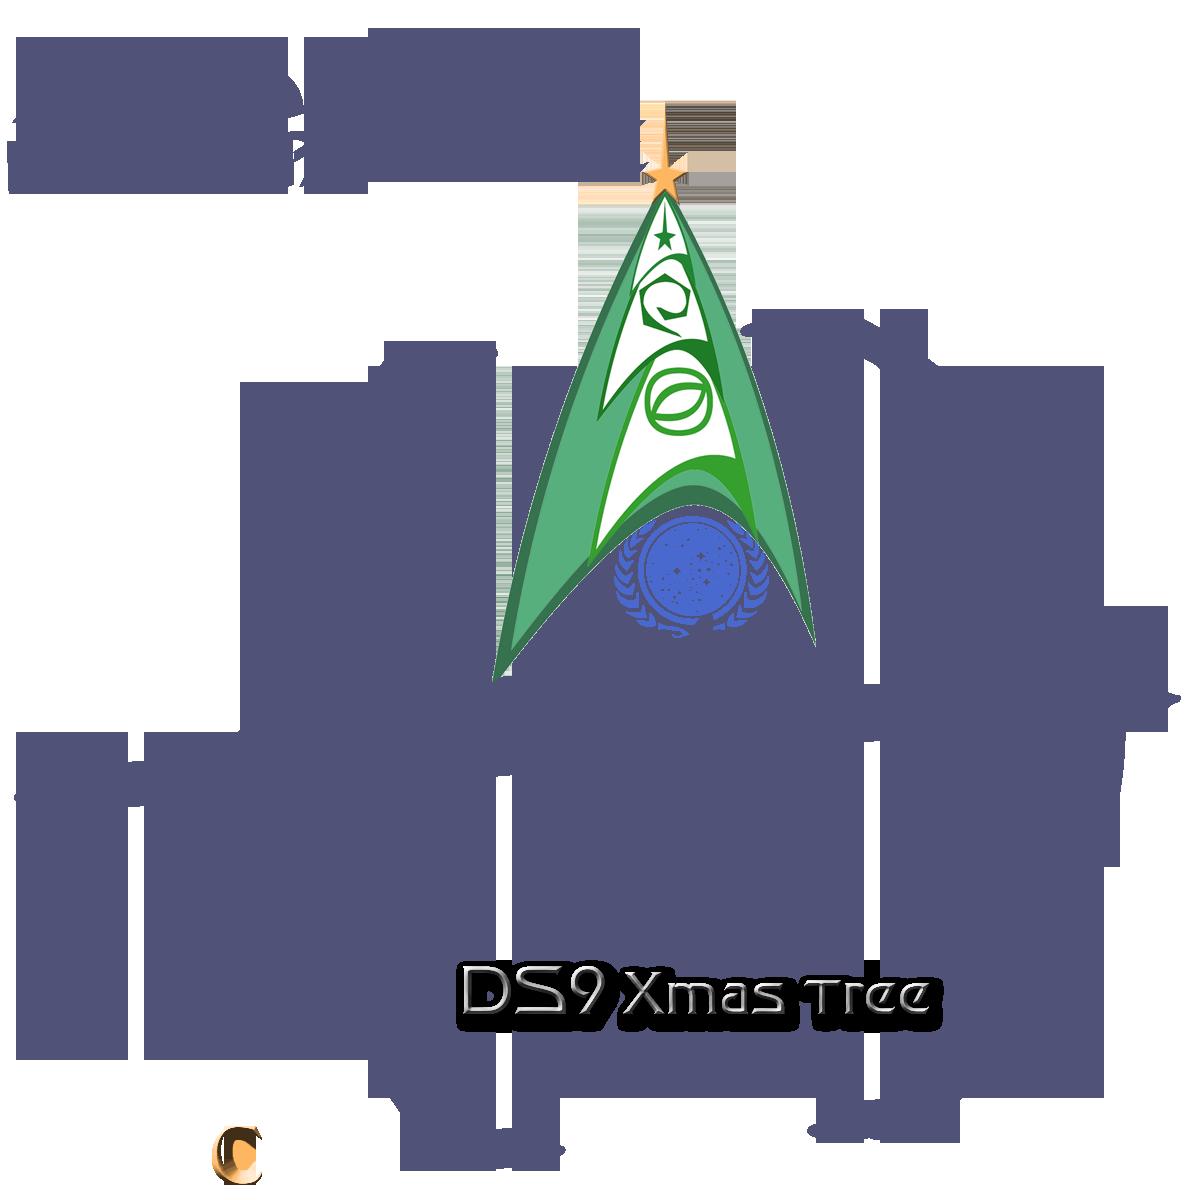 Trekkie DS9 Xmas inignia tree